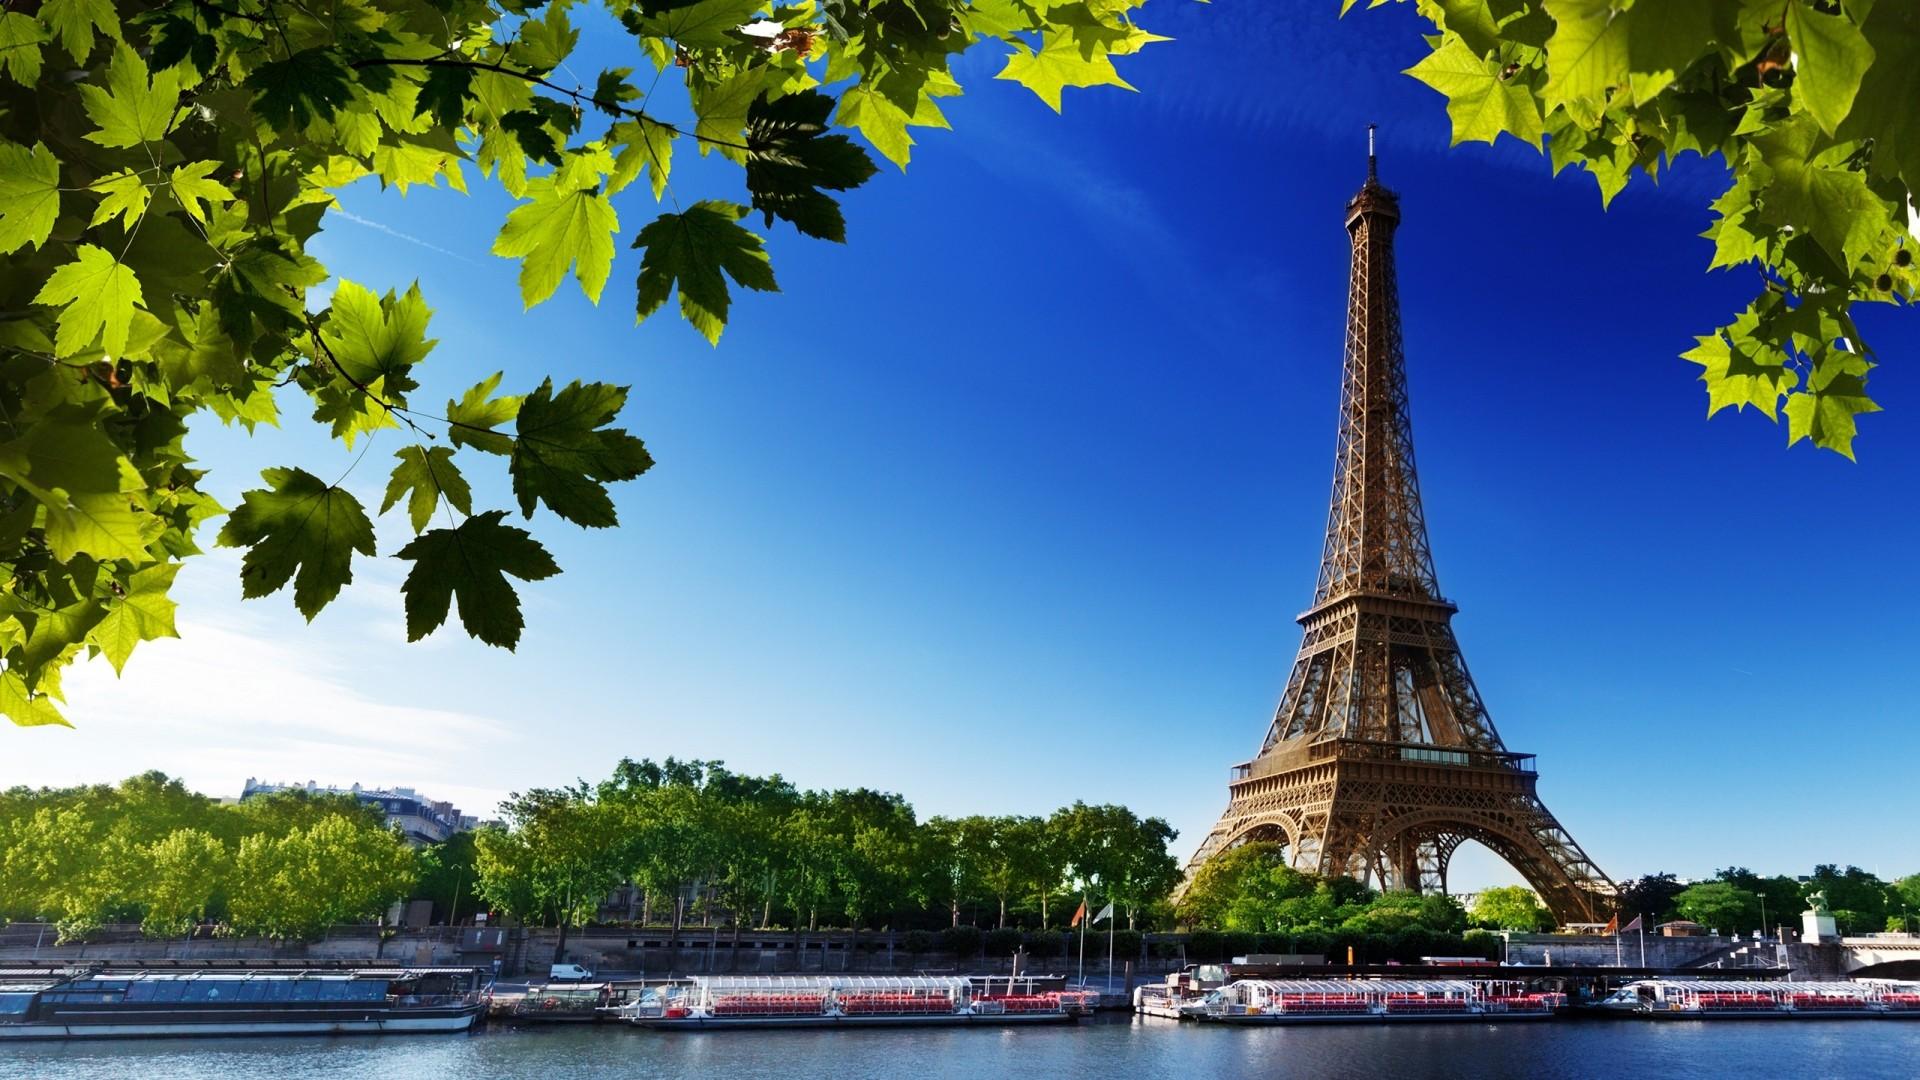 Wallpaper paris, eiffel tower, france, river, beach, trees